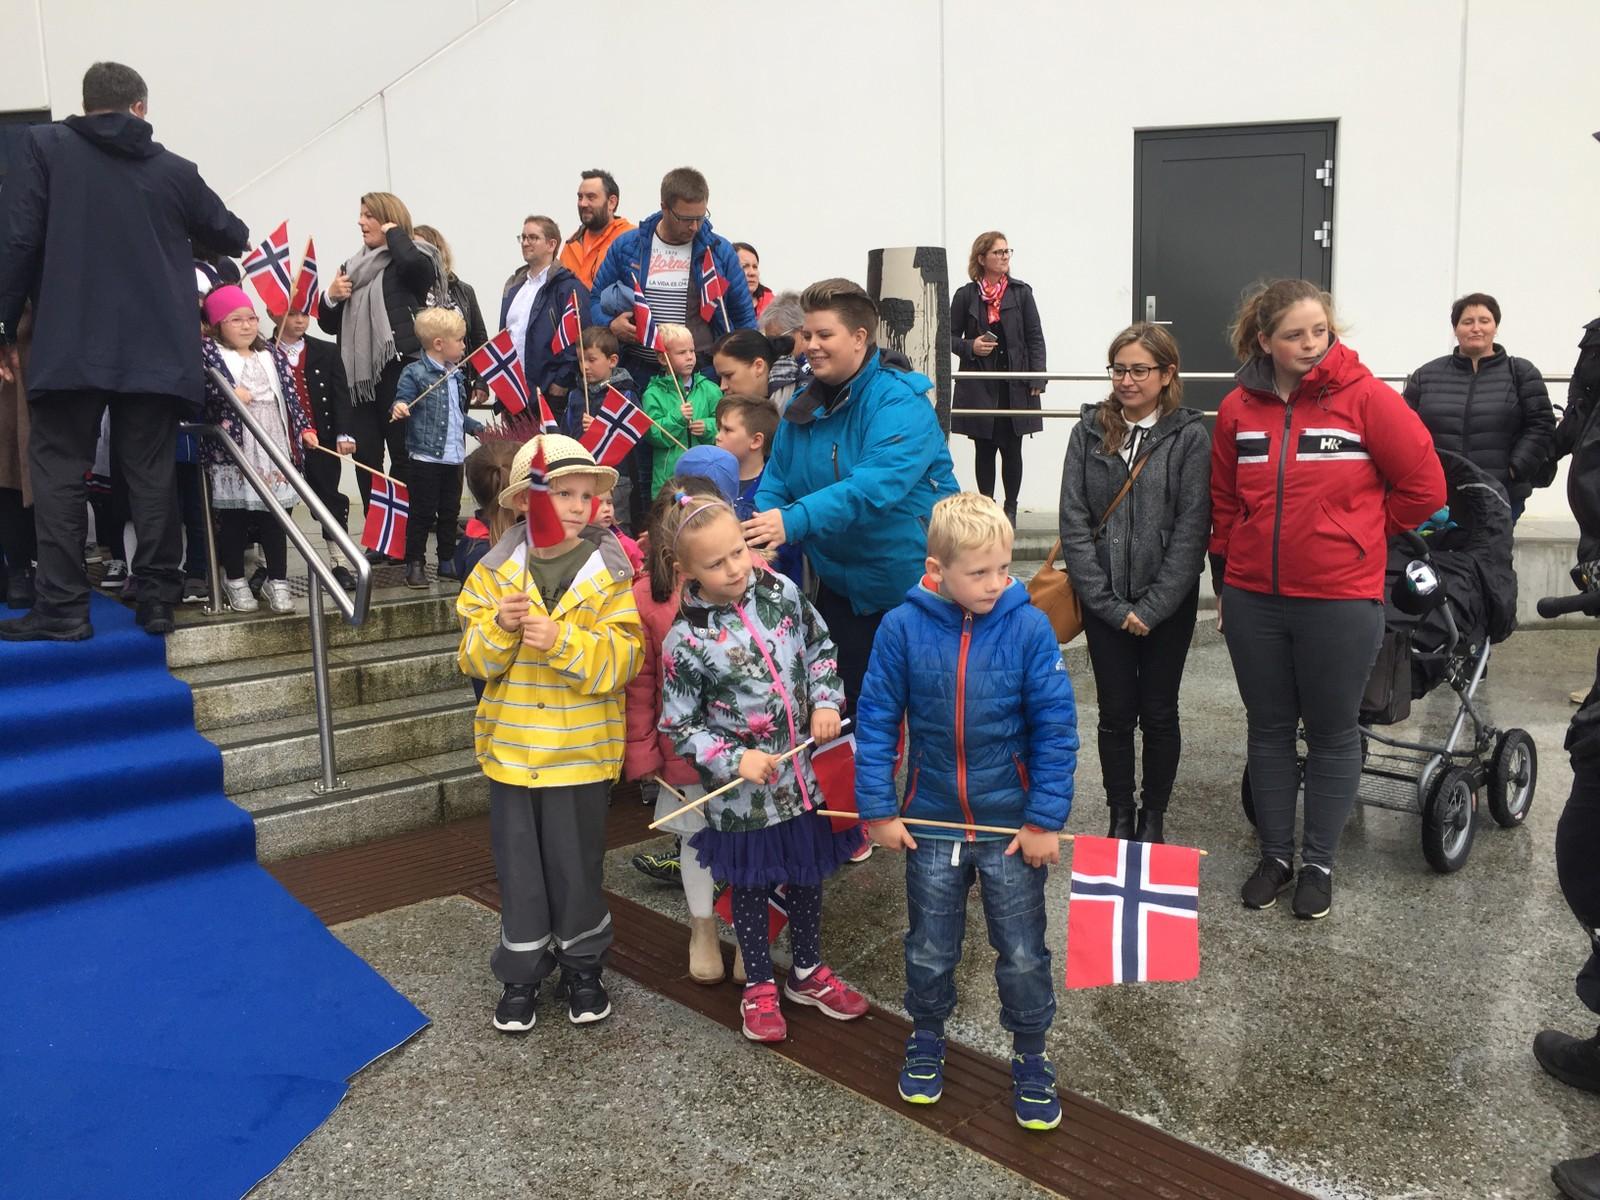 I Fosnavåg var mange samlet allerede 14.15 for å vente på majesteten.